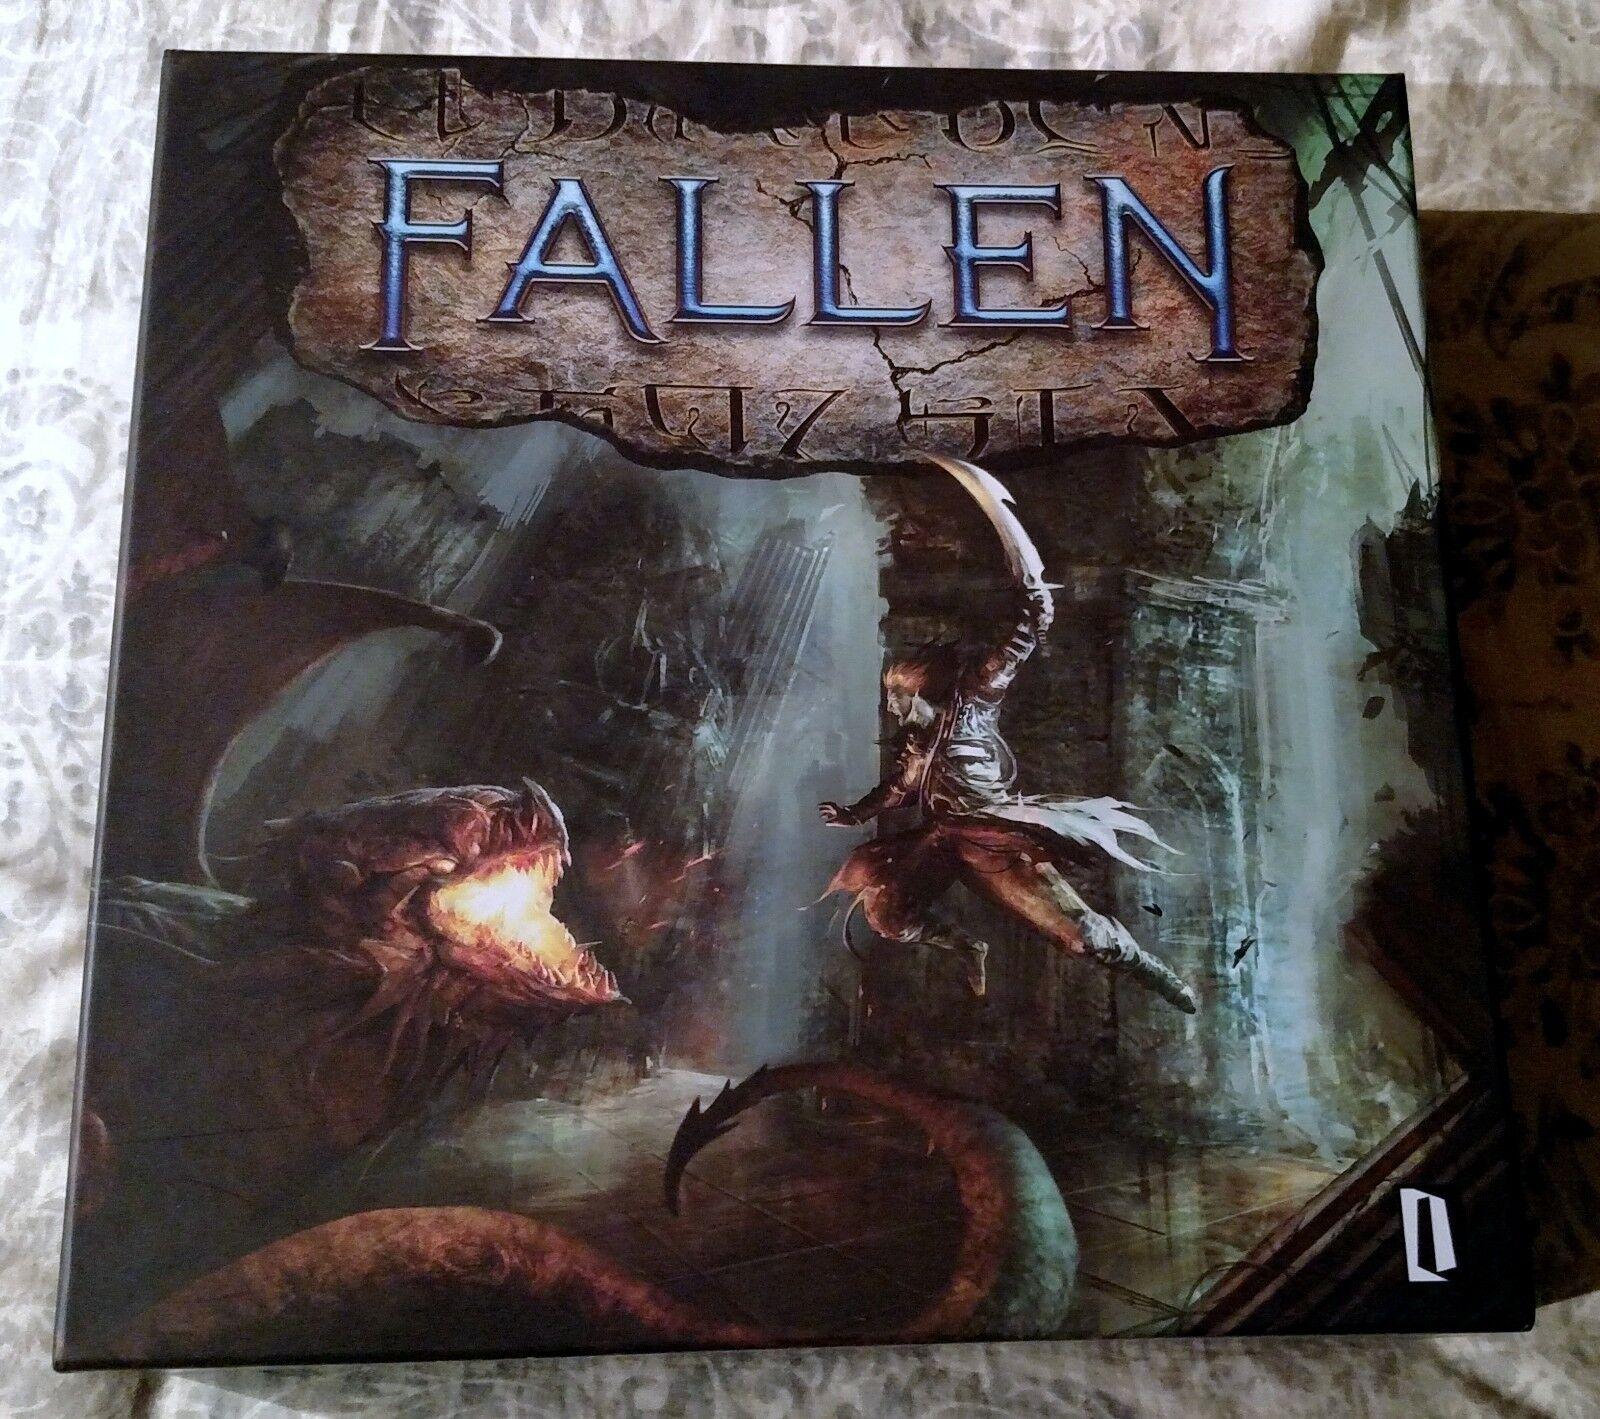 Fallen Board Game pédale de démarrage Aventurier Gage Watchtower jeux qui